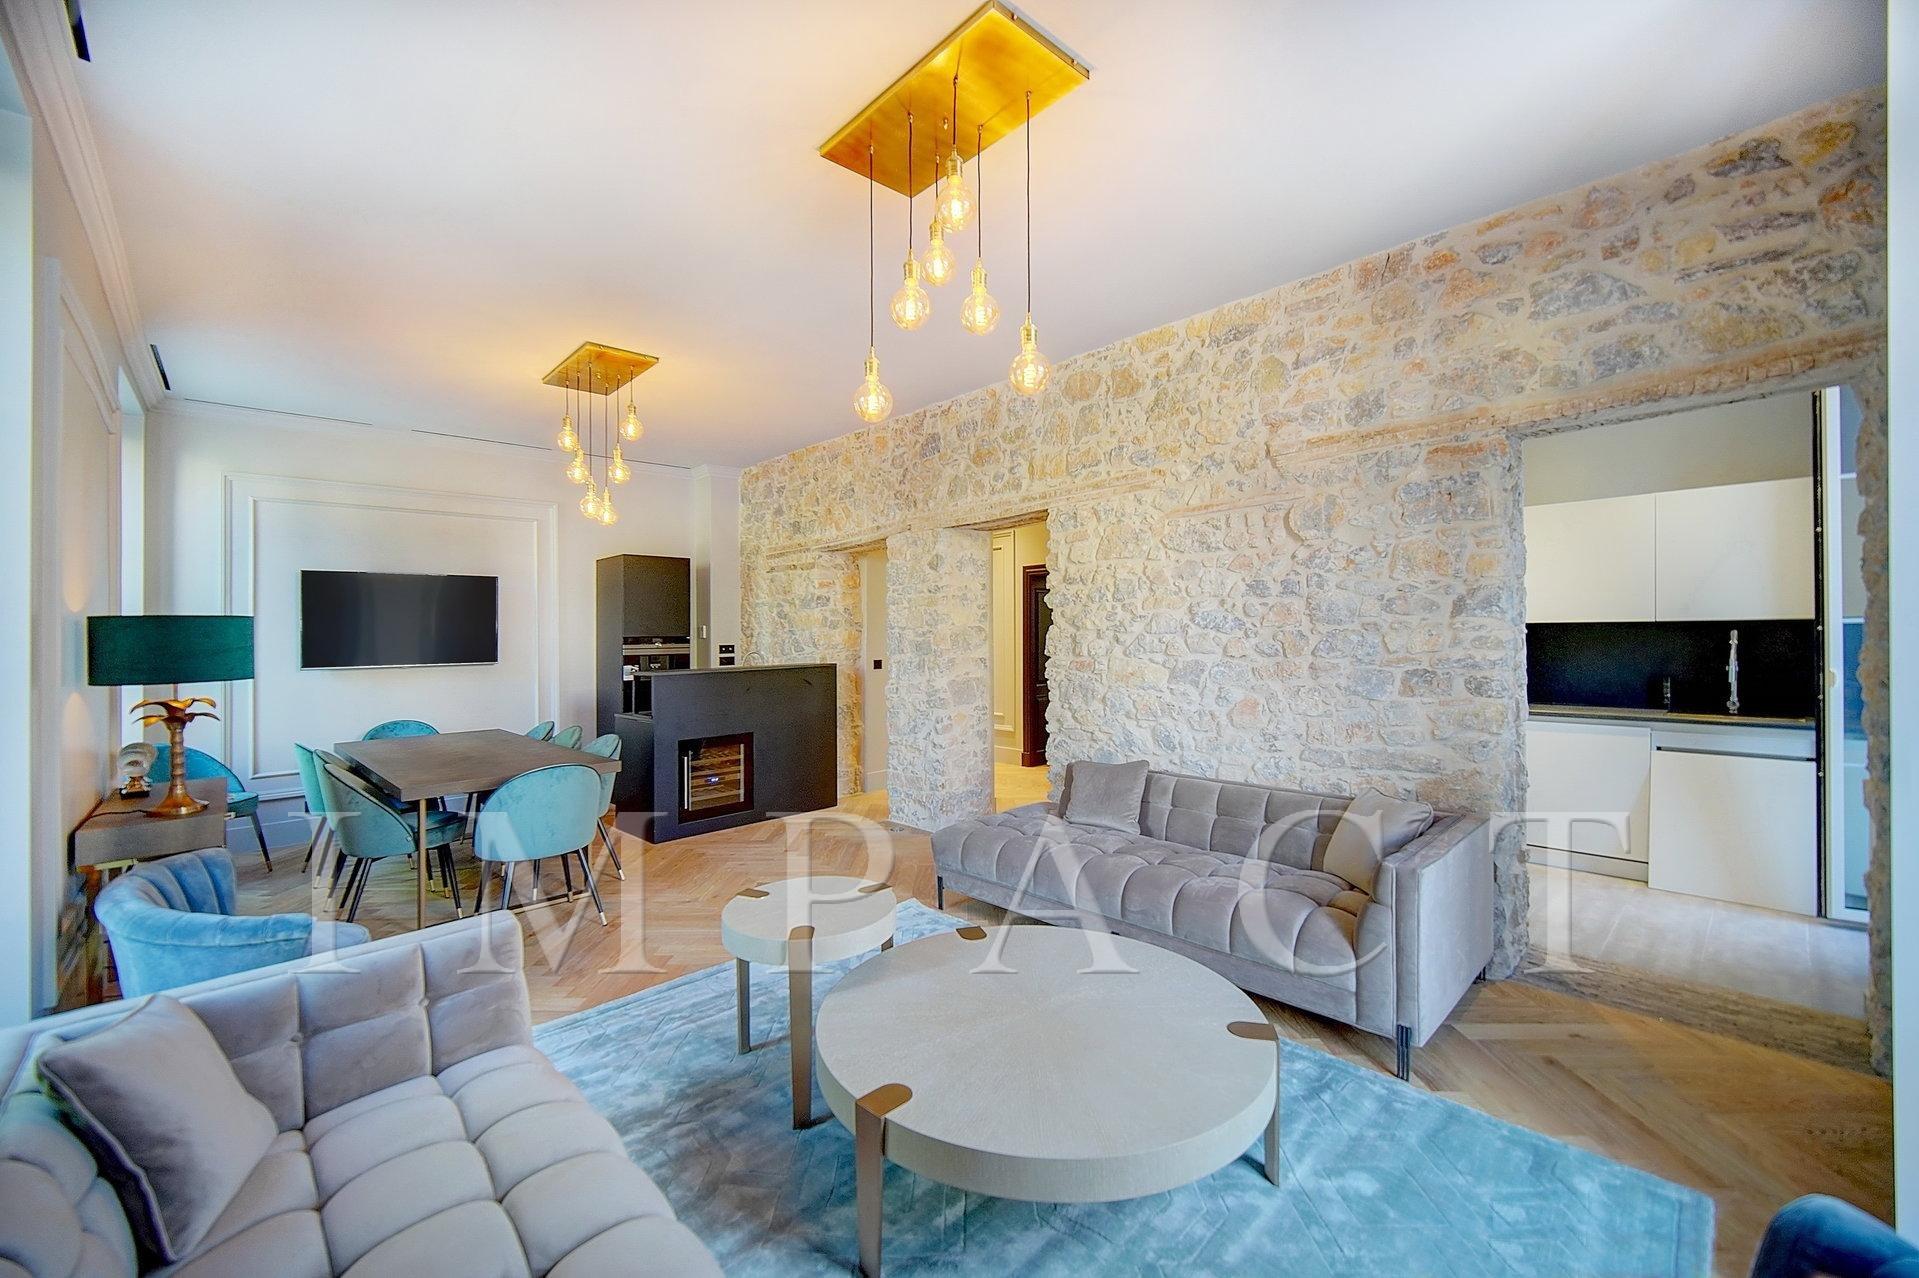 Appartement 5 chambres Location Saisonnière  - Centre Cannes